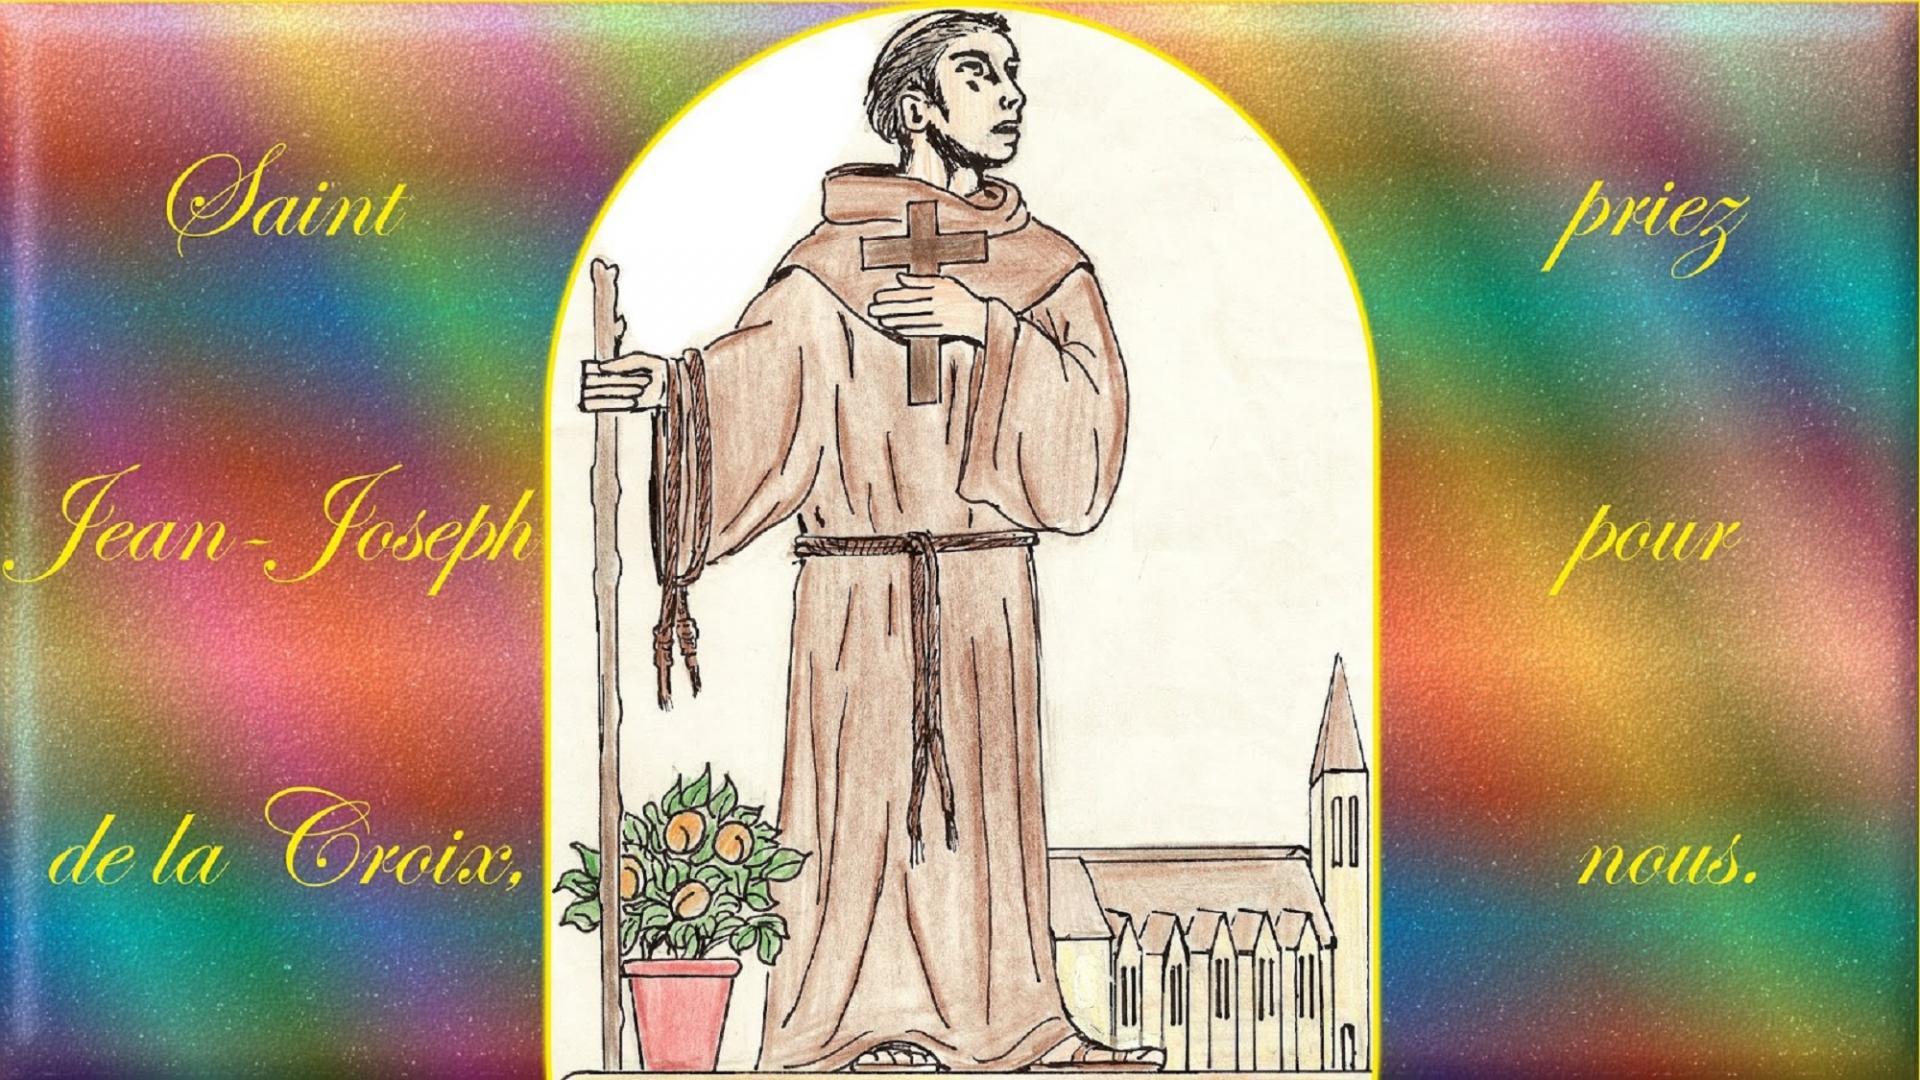 Saint Jean-Joseph de la Croix, Prêtre o.f.m. (1654-1734). Fête le 05 Mars.